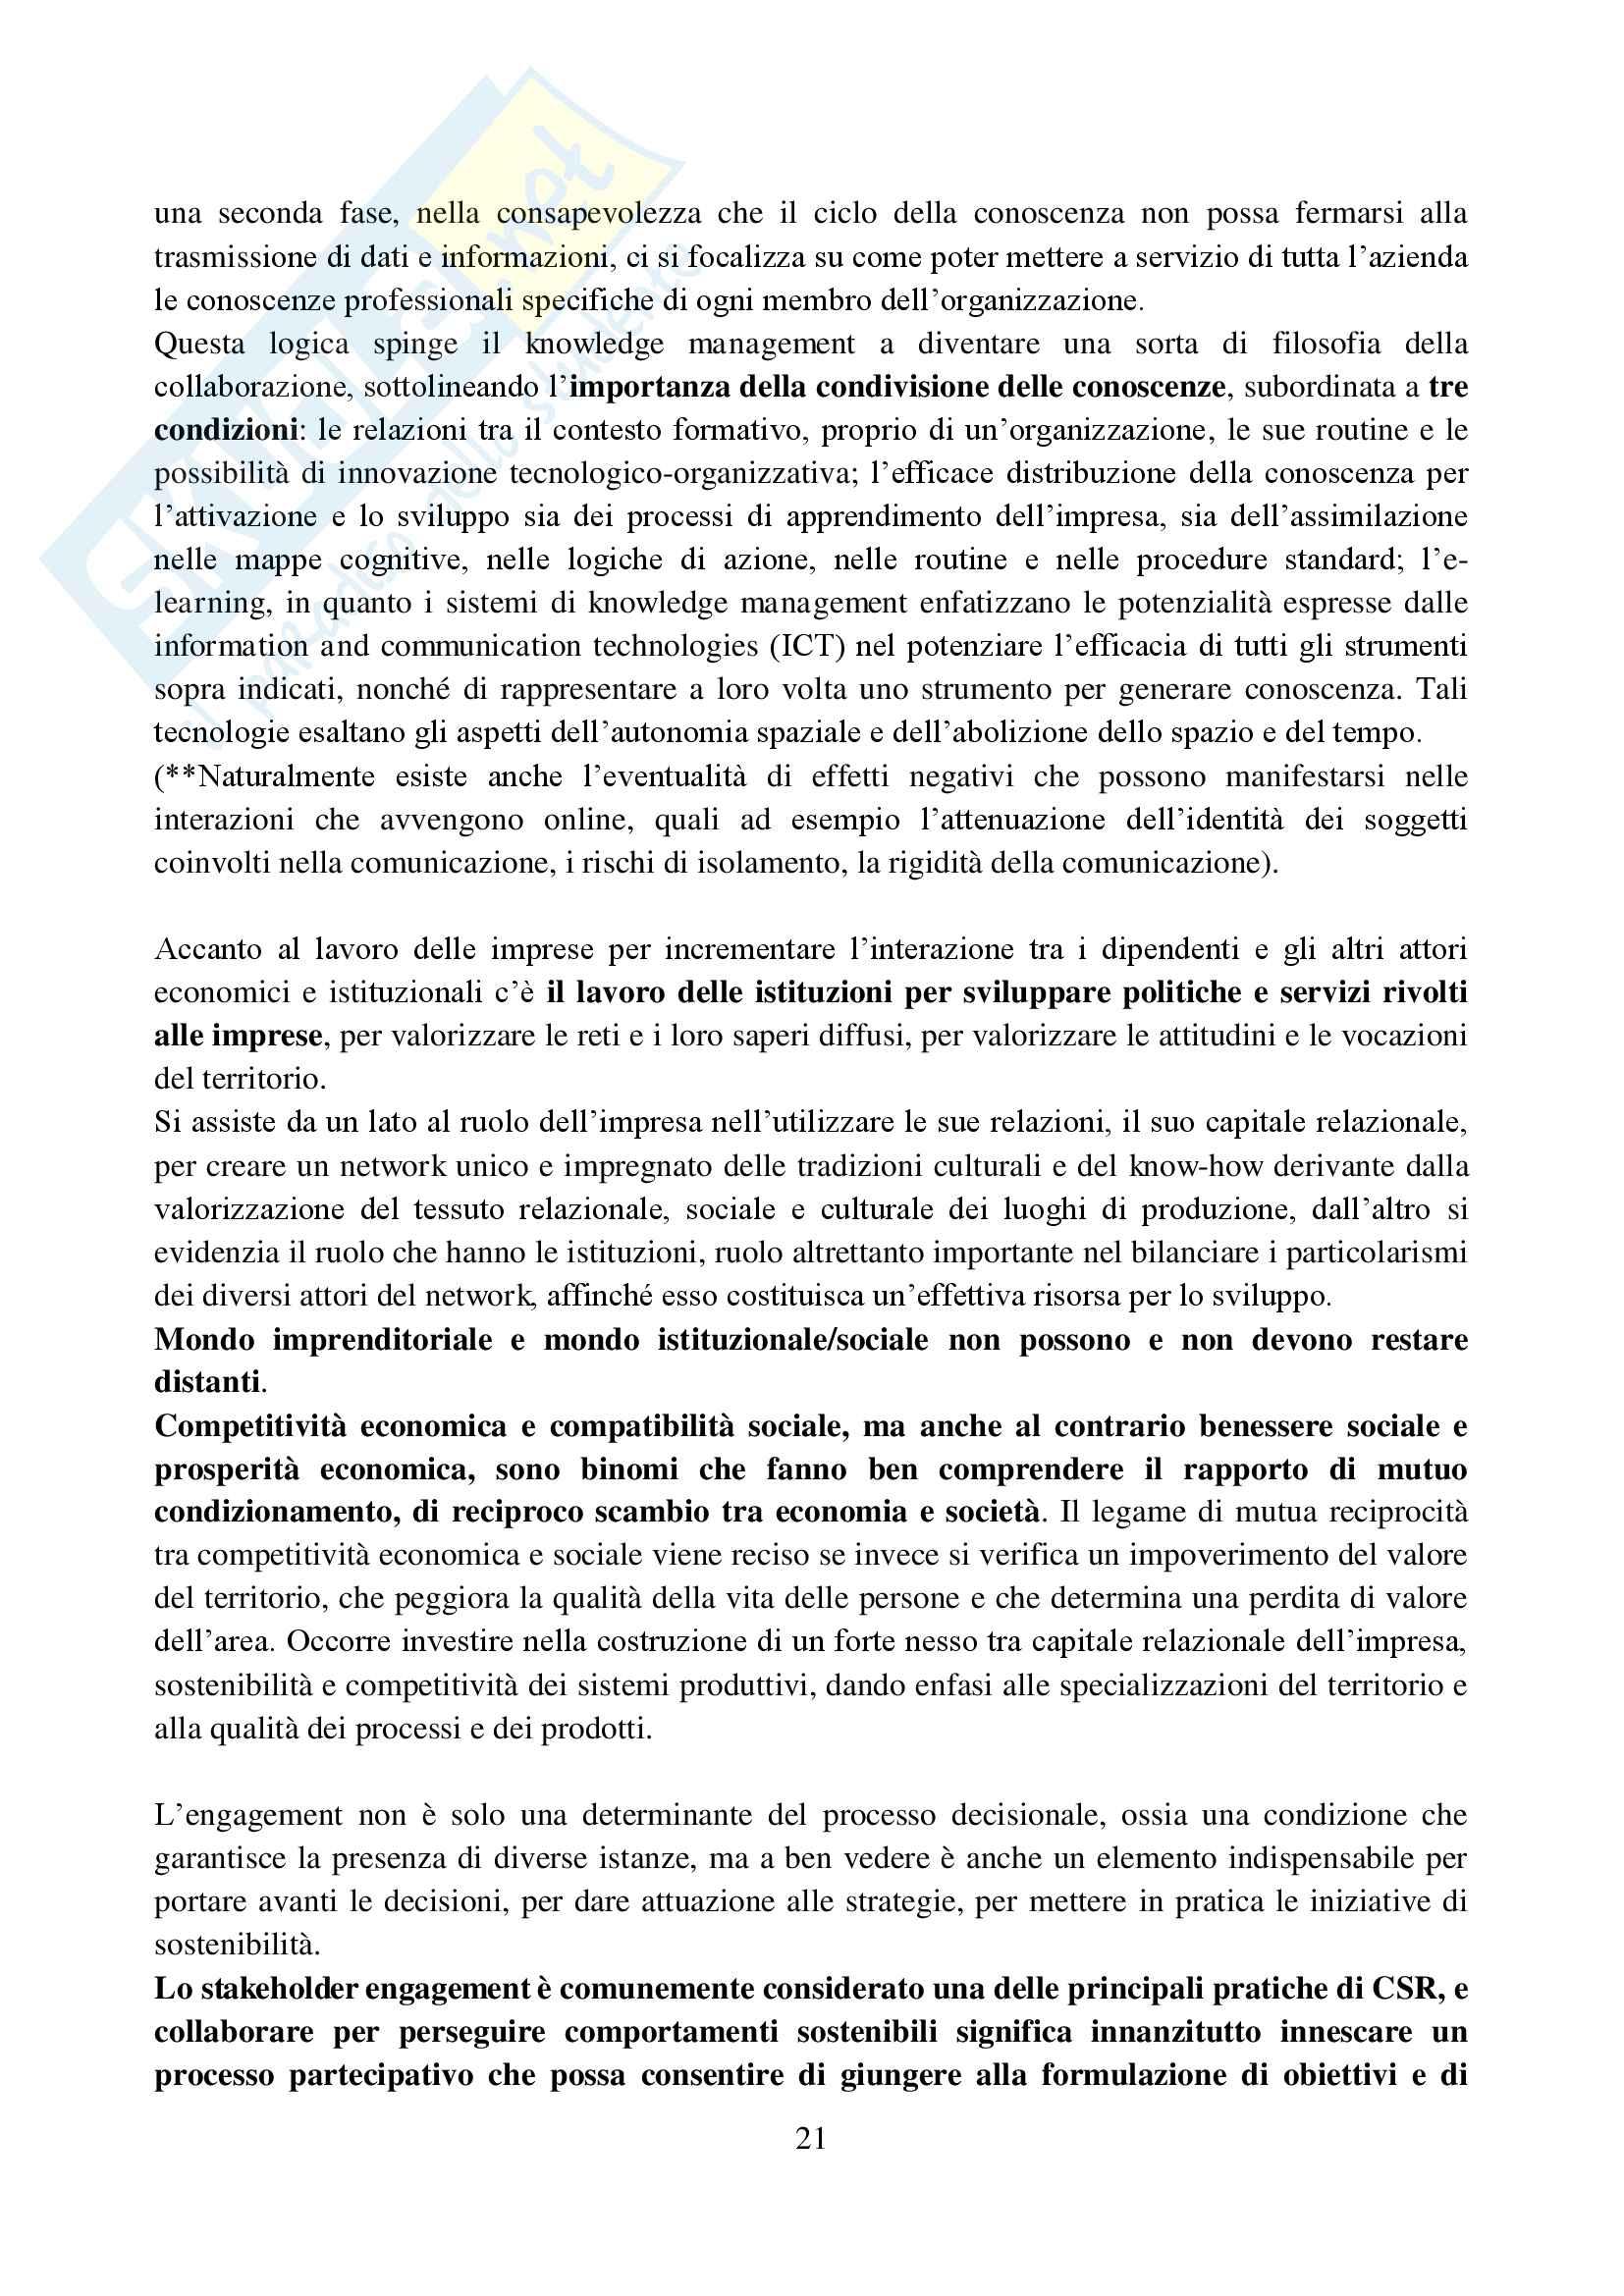 Riassunto esame Etica e mercato, prof. De Chiara, libro consigliato Stakeholder engagement per strategie di sostenibilità, De Chiara Pag. 21